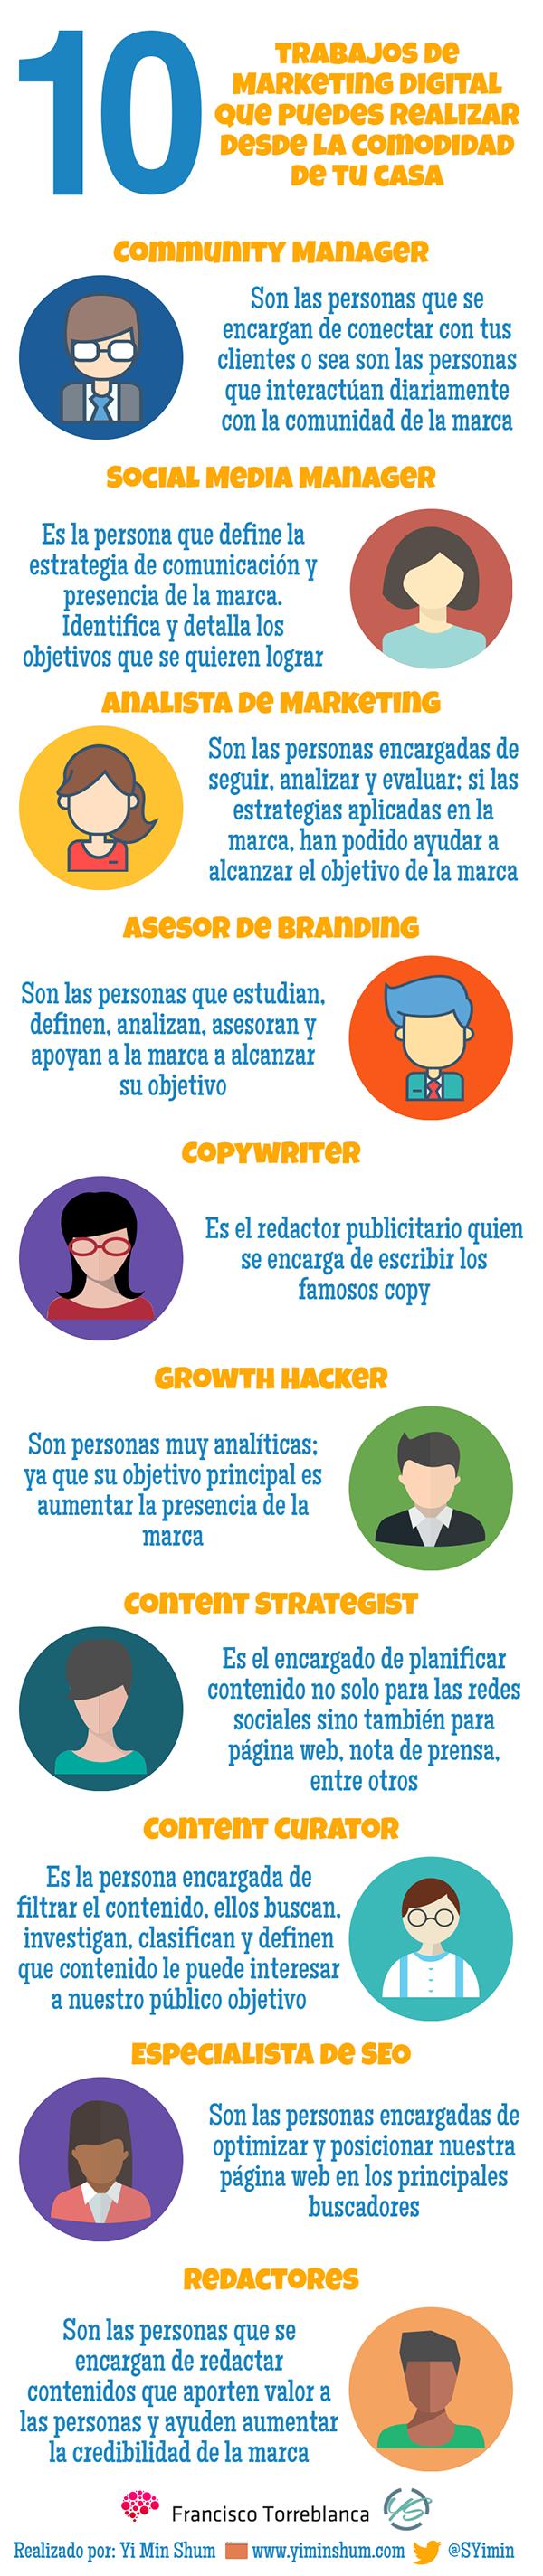 10 trabajos de Marketing Digital para realizar desde casa